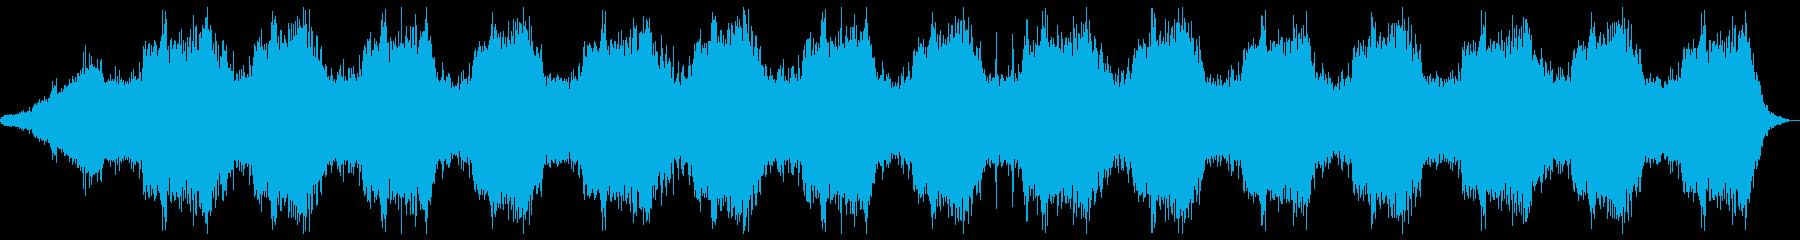 ホラー向け幻想的なBGMの再生済みの波形